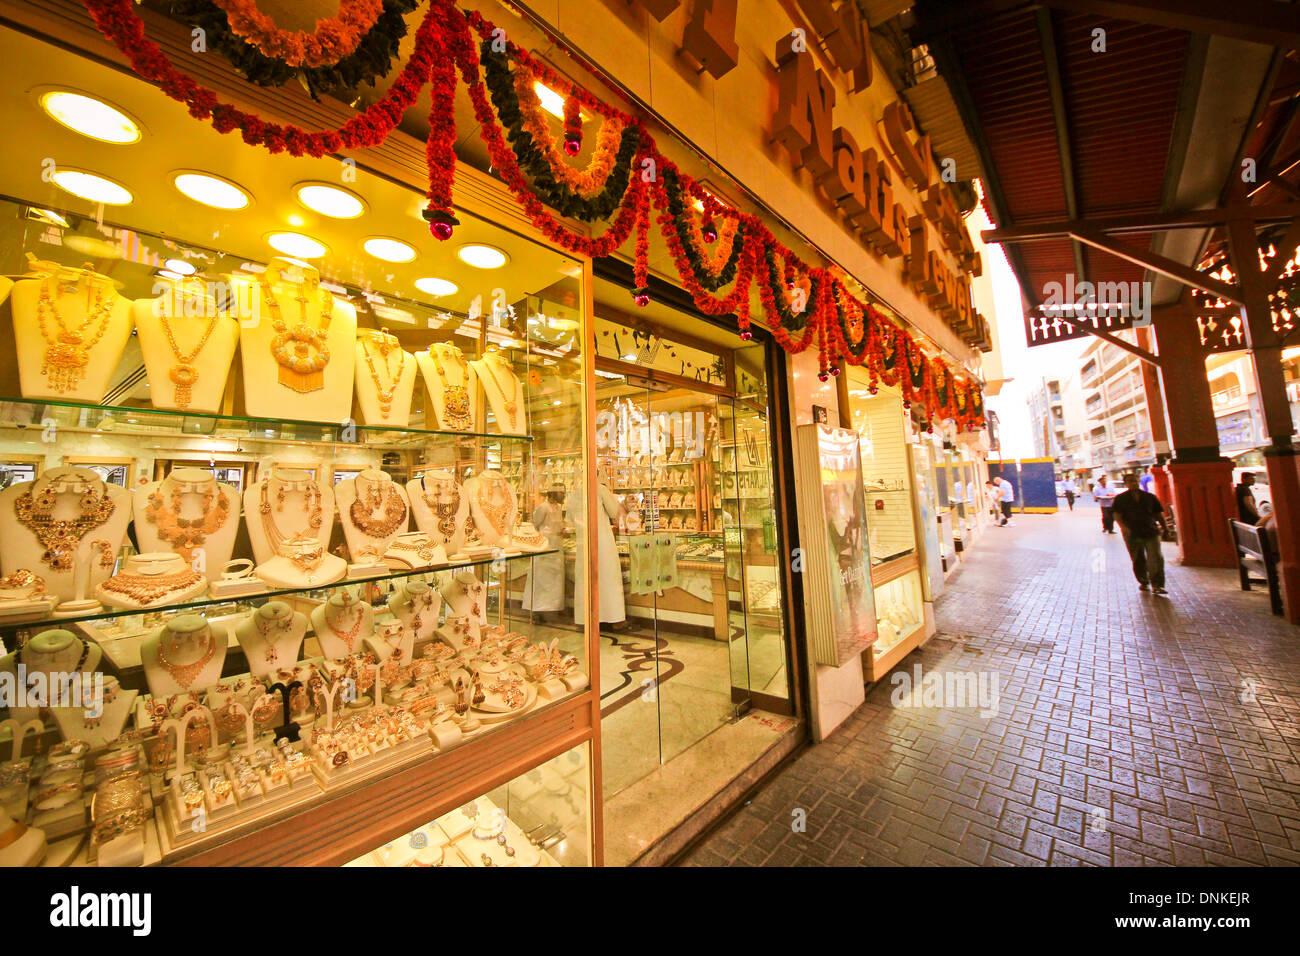 Gold Souk, Dubai, United Arab Emirates. - Stock Image